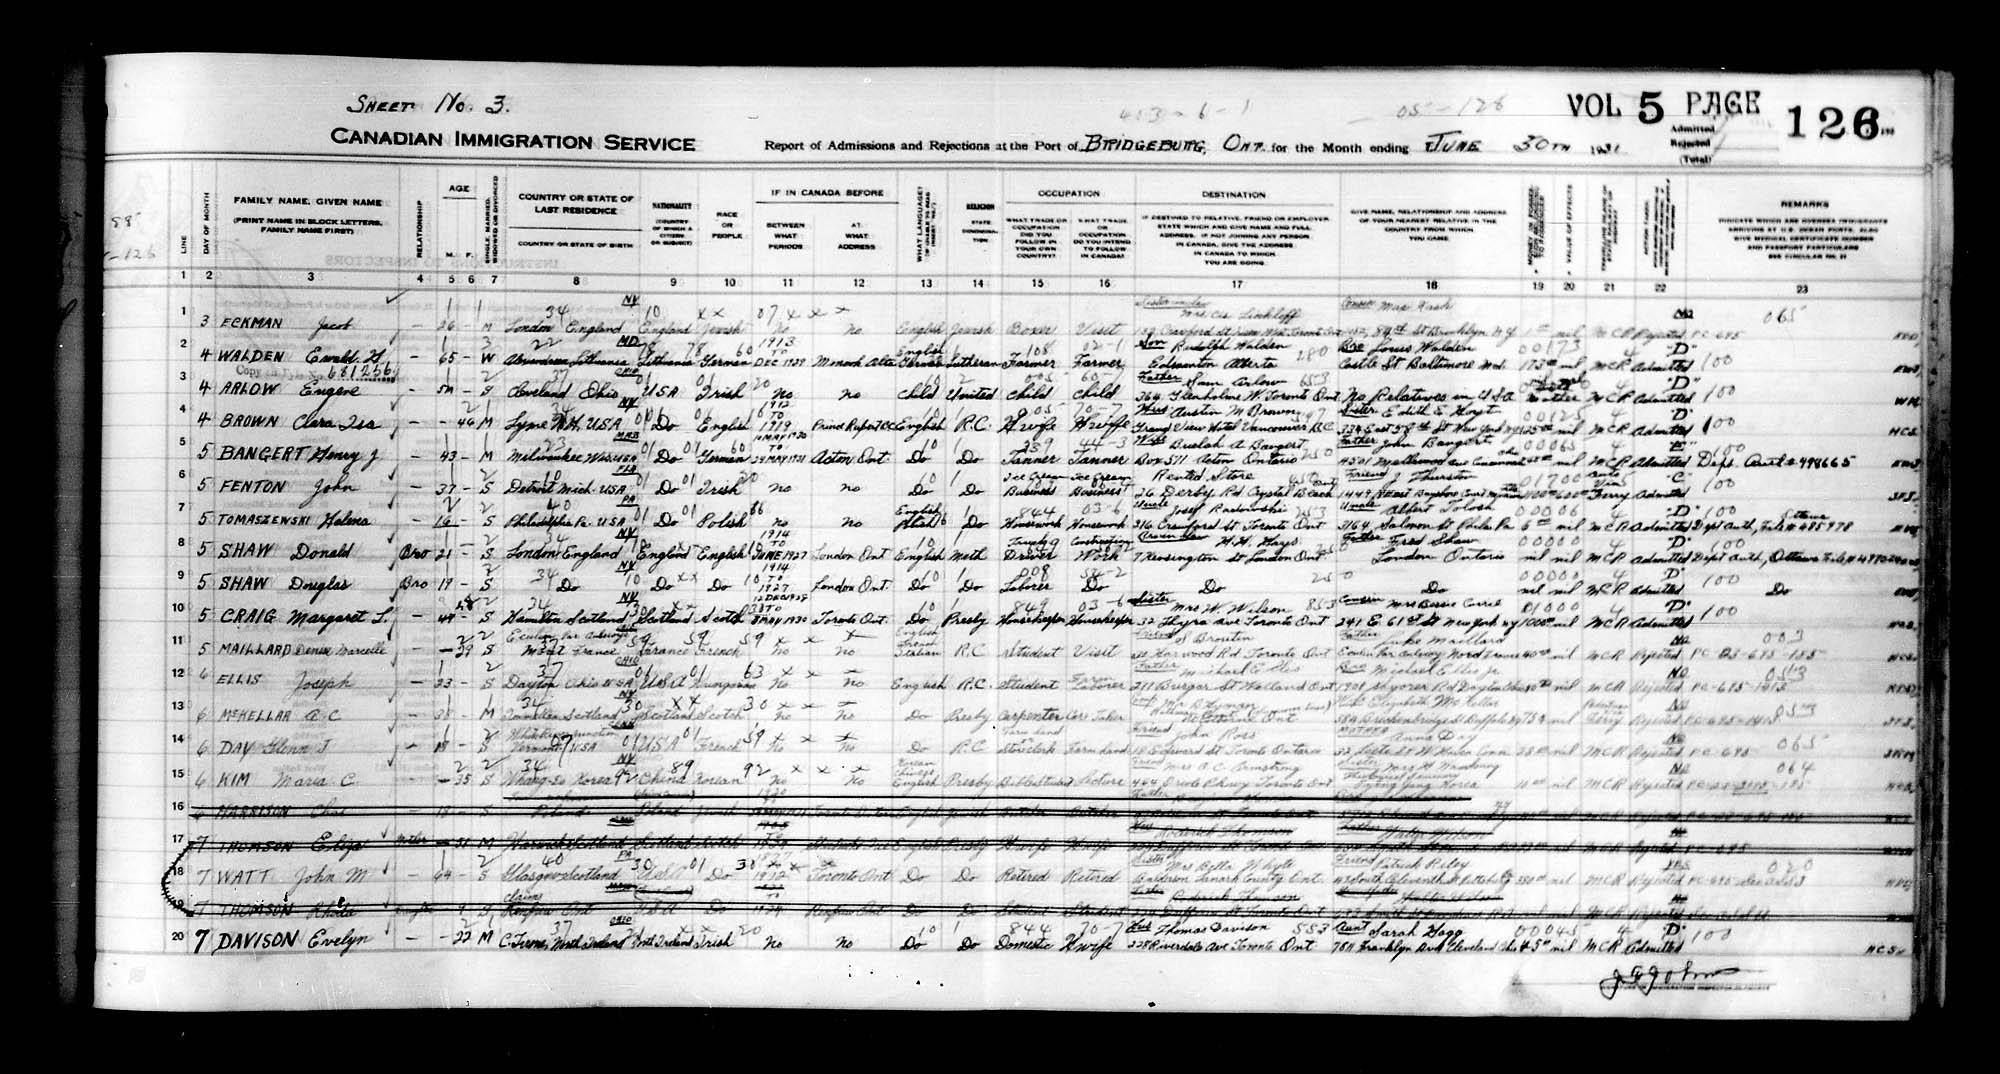 Titre: Arrivées par la frontière, 1925-1935 - N° d'enregistrement Mikan: 179161 - Microforme: t-15376